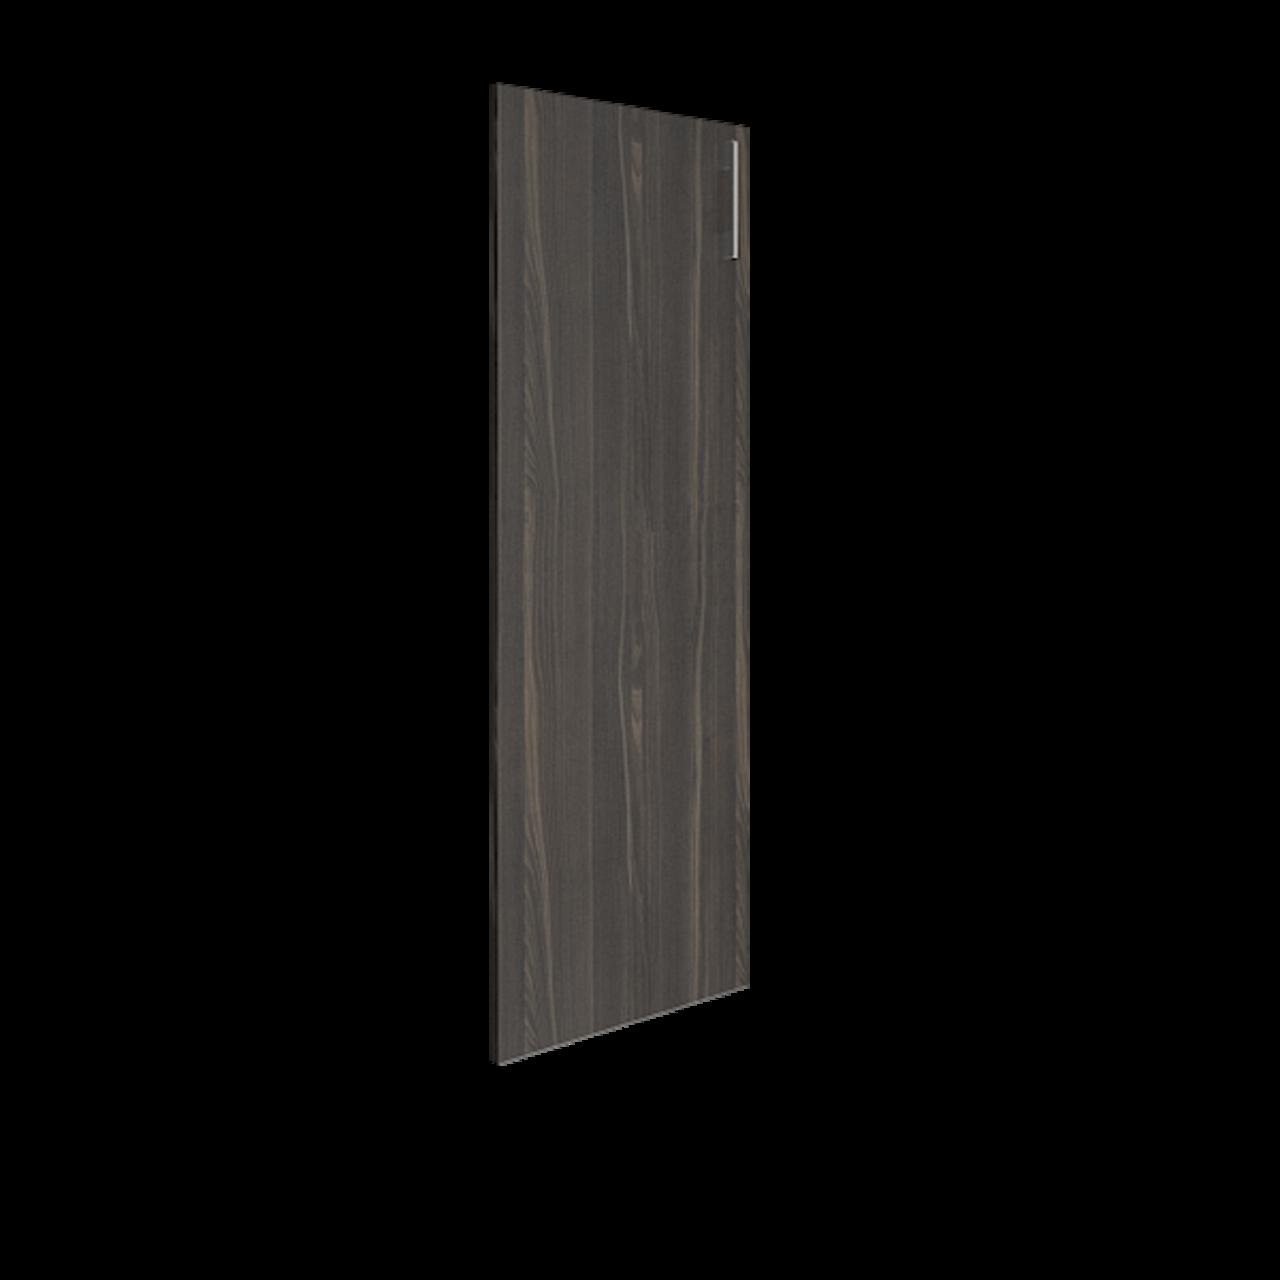 Дверь дсп средняя левая - фото 3